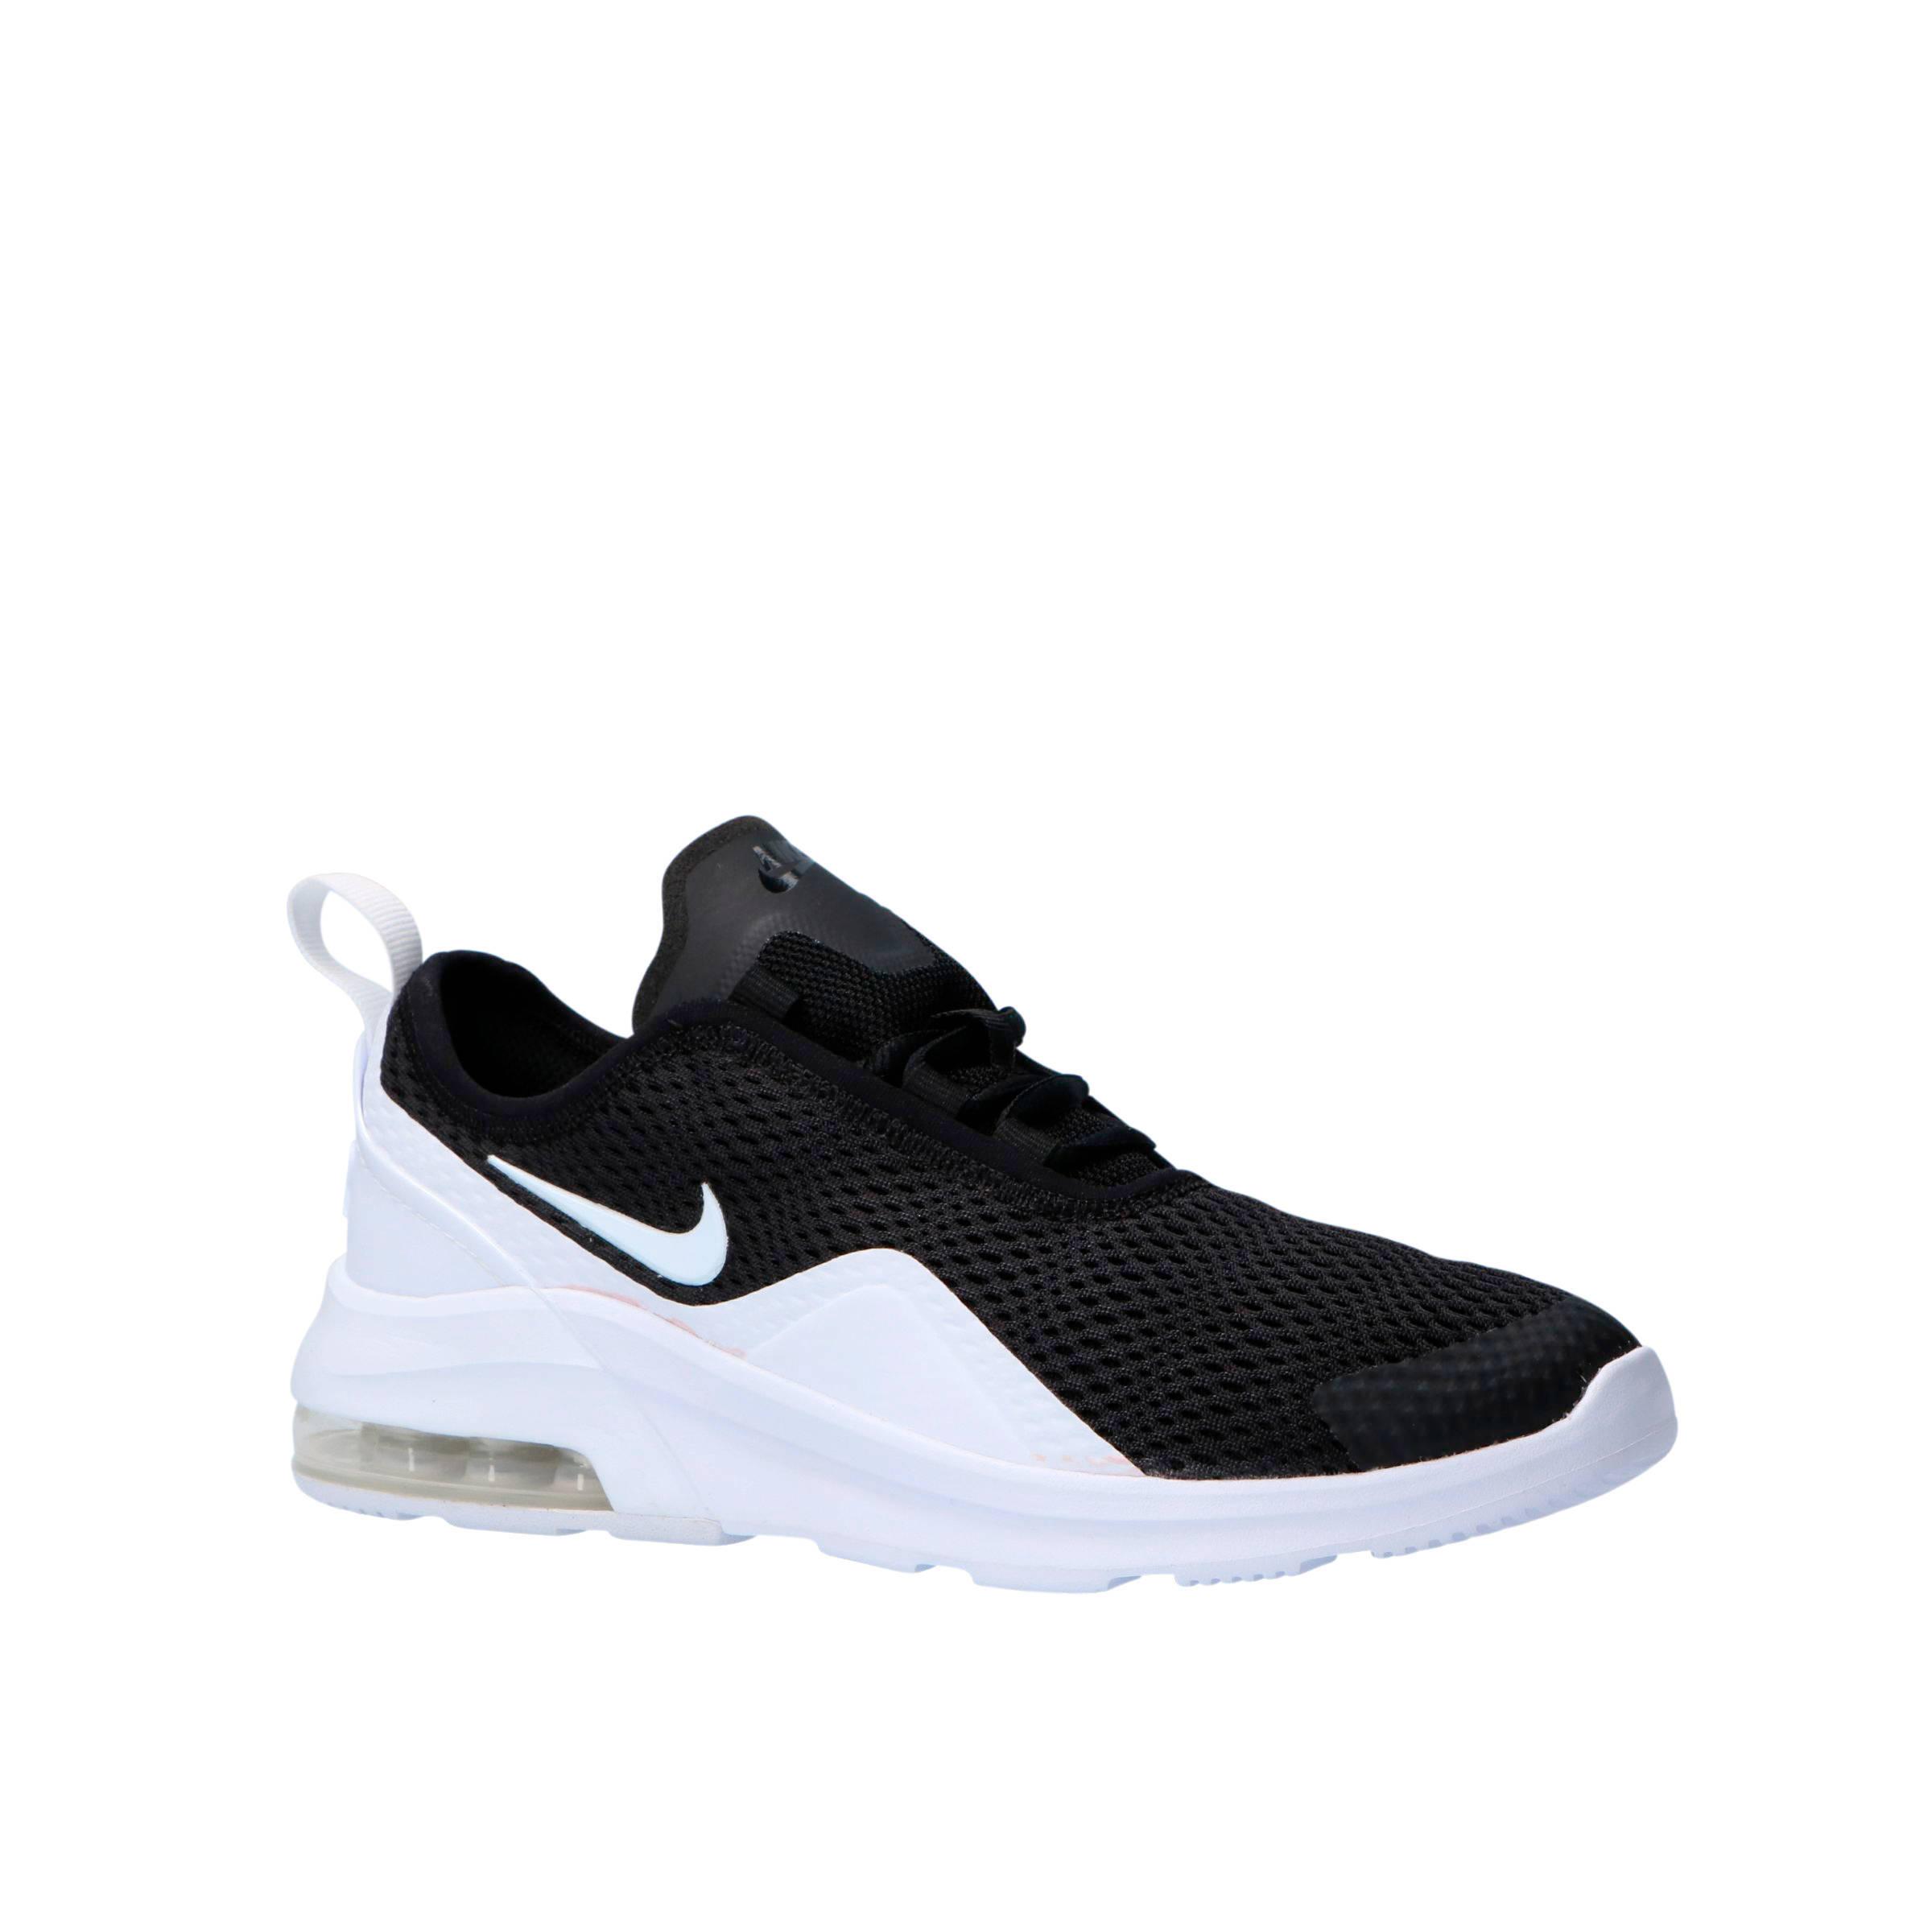 new concept 57f39 9f2c2 Nike Air Max bij wehkamp - Gratis bezorging vanaf 20.-